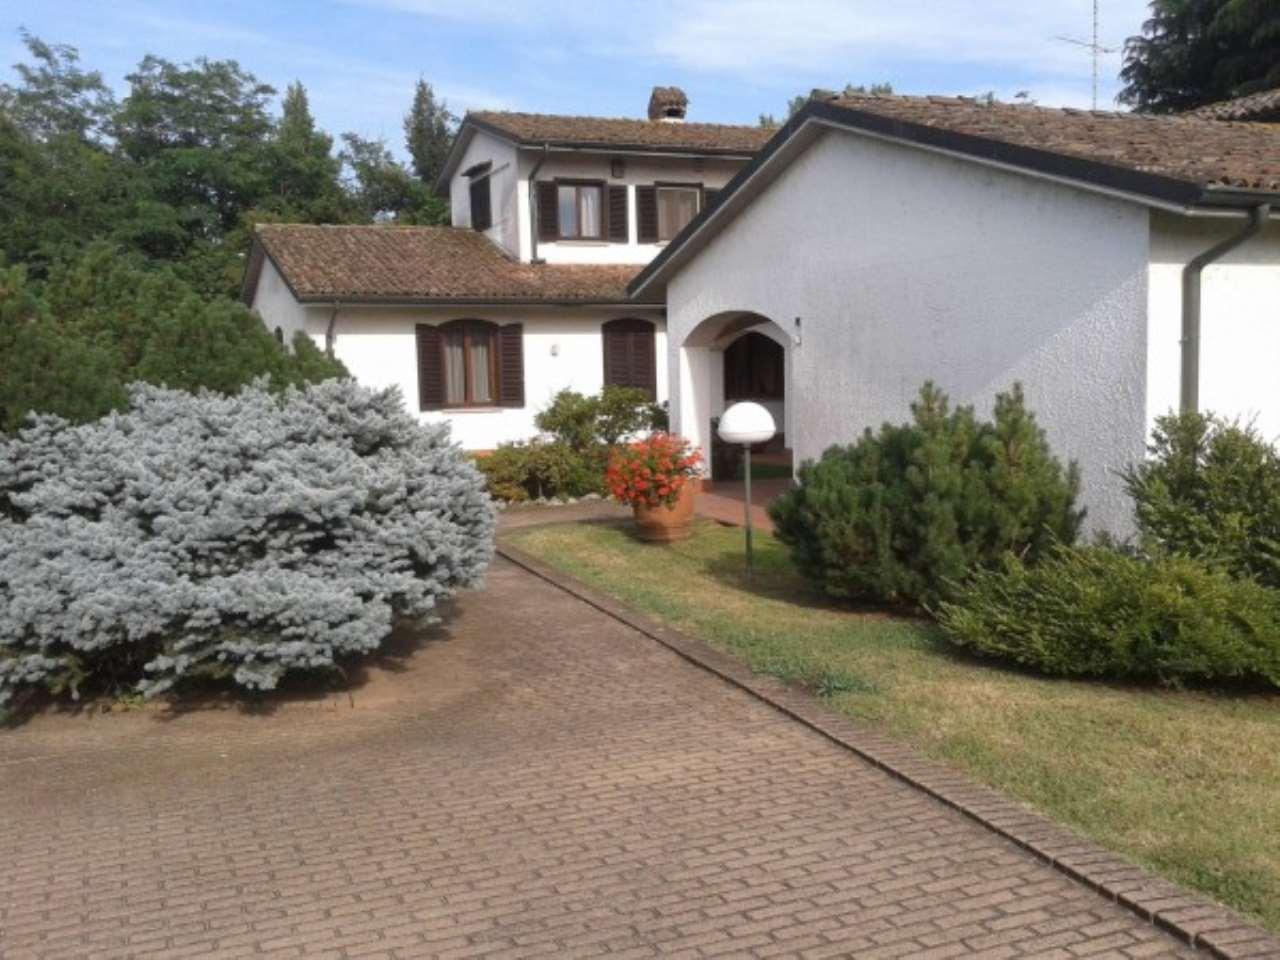 Villa in vendita a Pavia, 6 locali, Trattative riservate | Cambio Casa.it